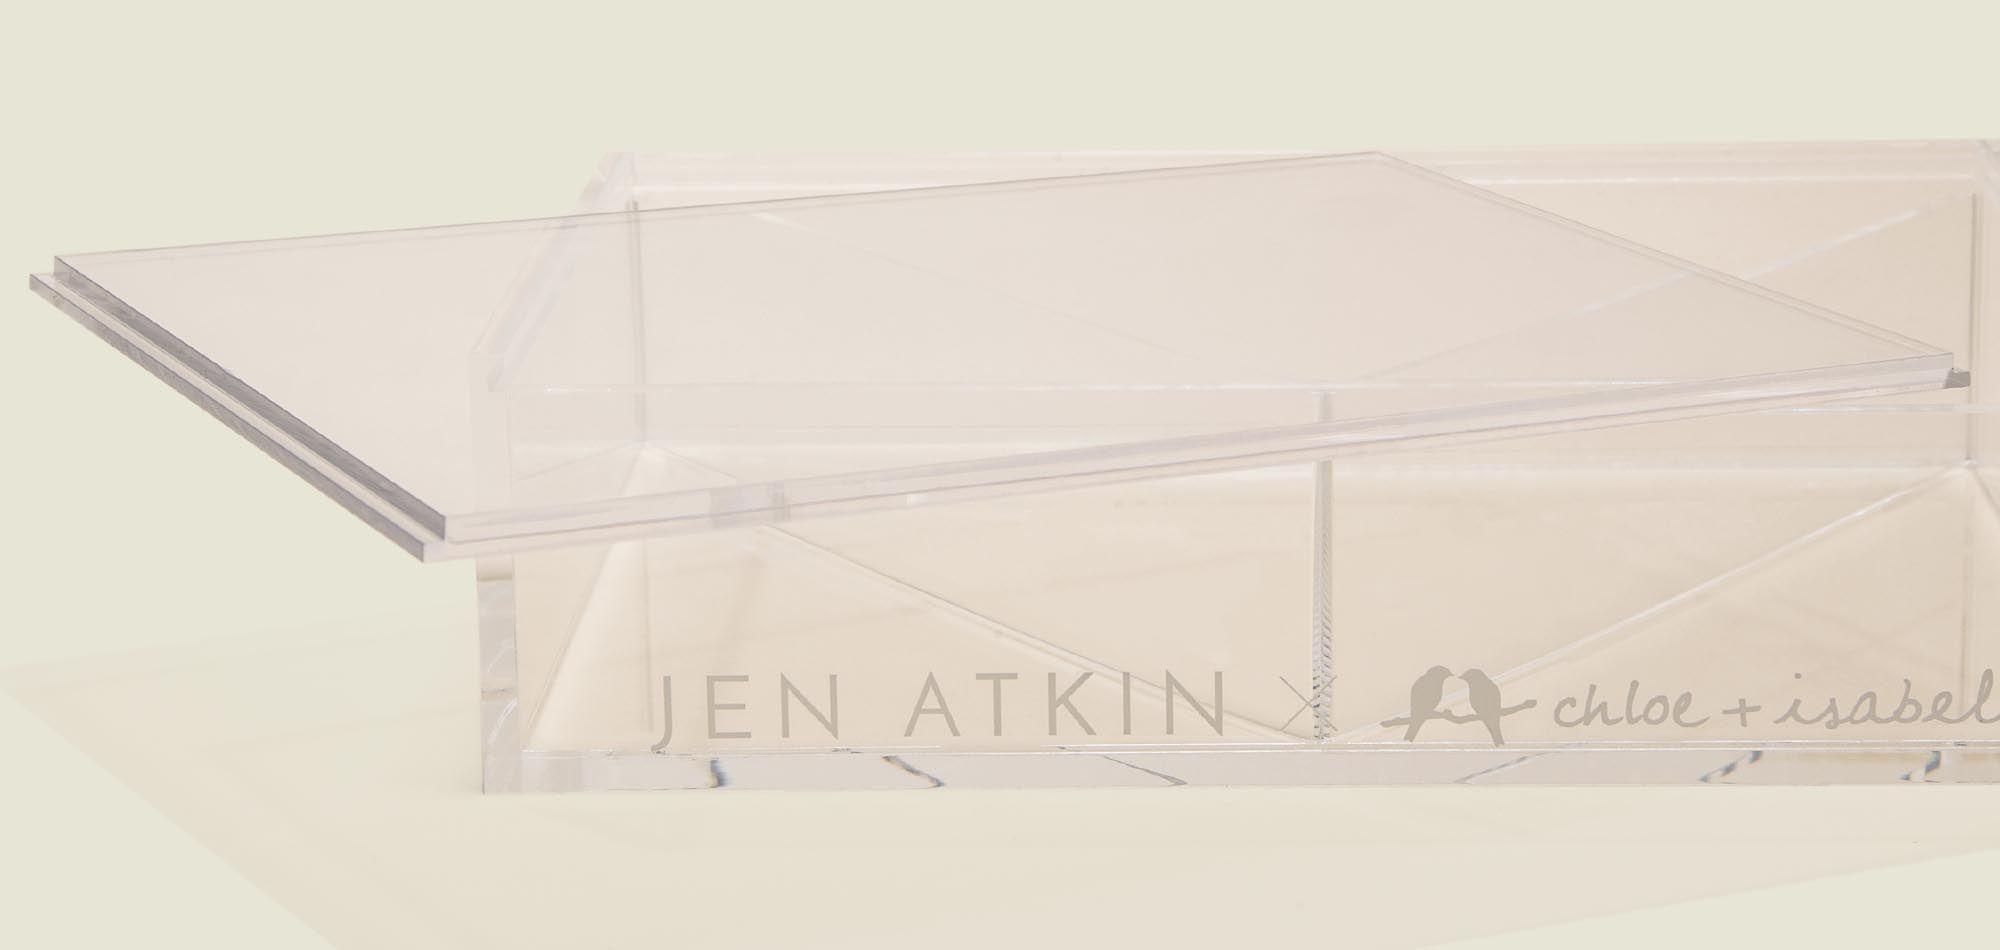 Hard plastic container